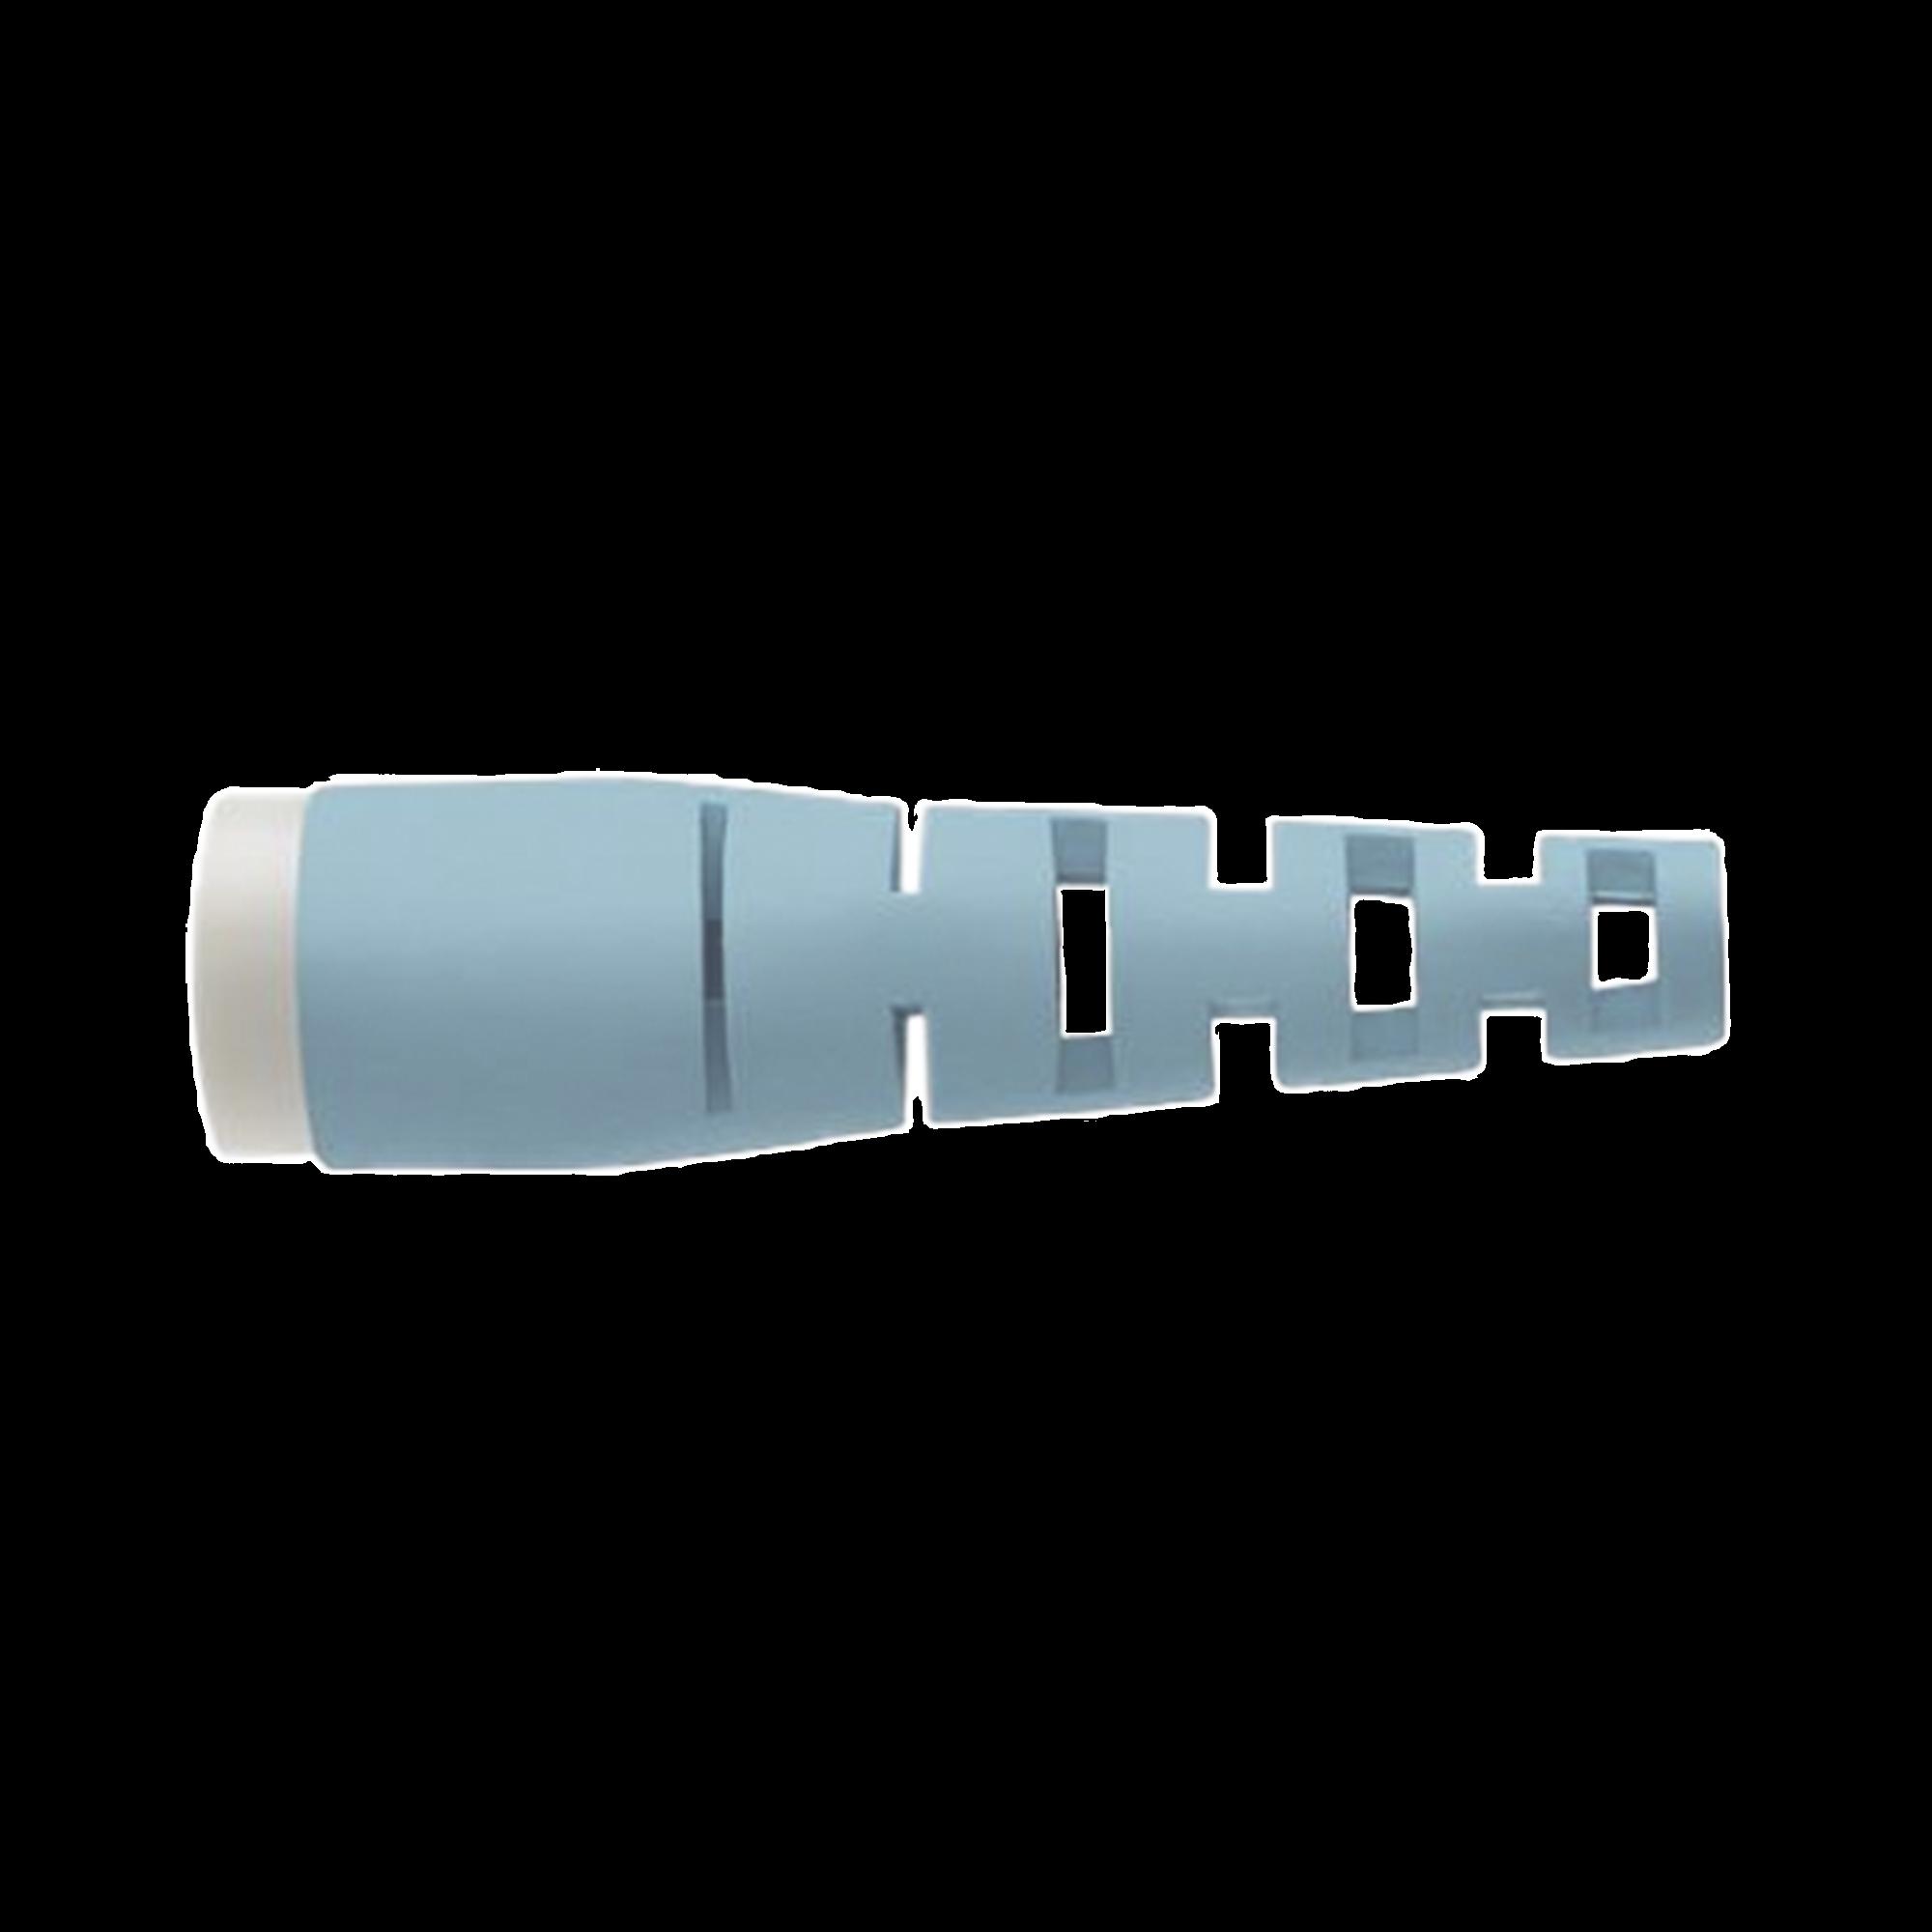 Bota para Conectores LC Pre-Pulidos Opticam de Panduit, Para Fibra de 1.6/2.0 mm, Color Aqua, 10 piezas